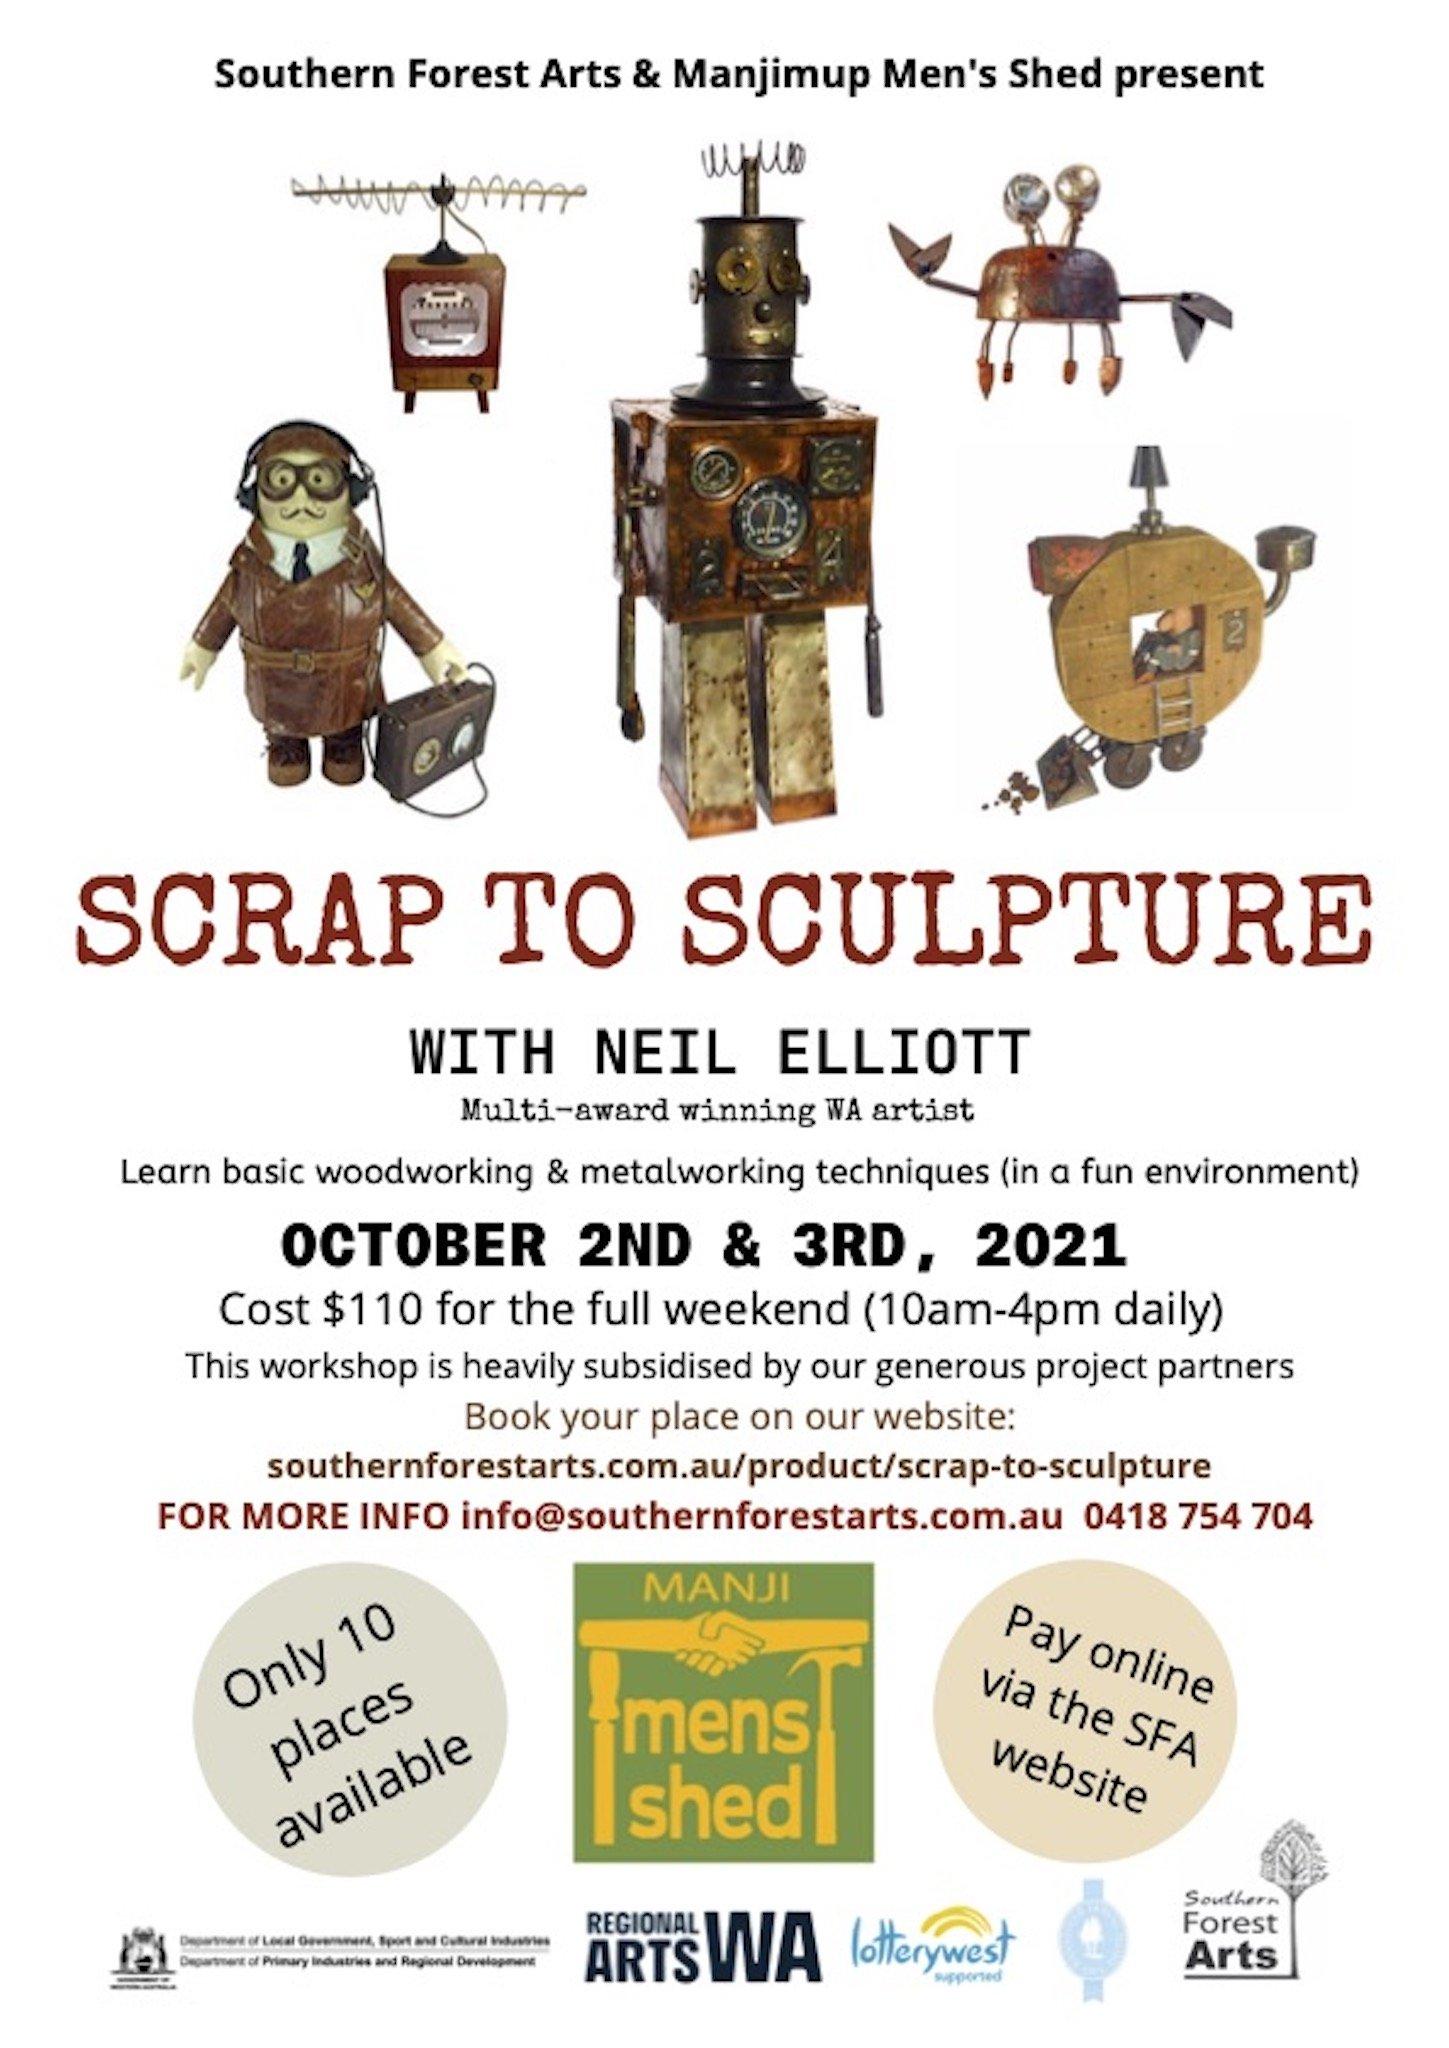 SCRAP TO SCULPTURE WORKSHOP (Manjimup) with Neil Elliott